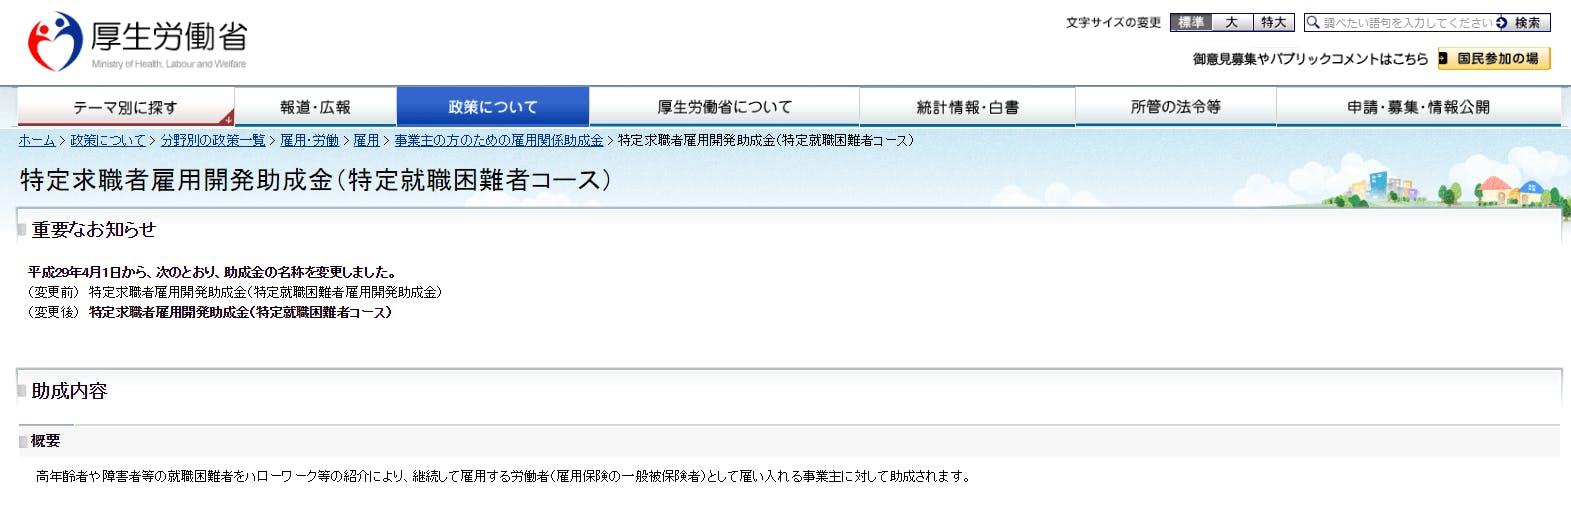 センター 局 助成 神奈川 労働 金